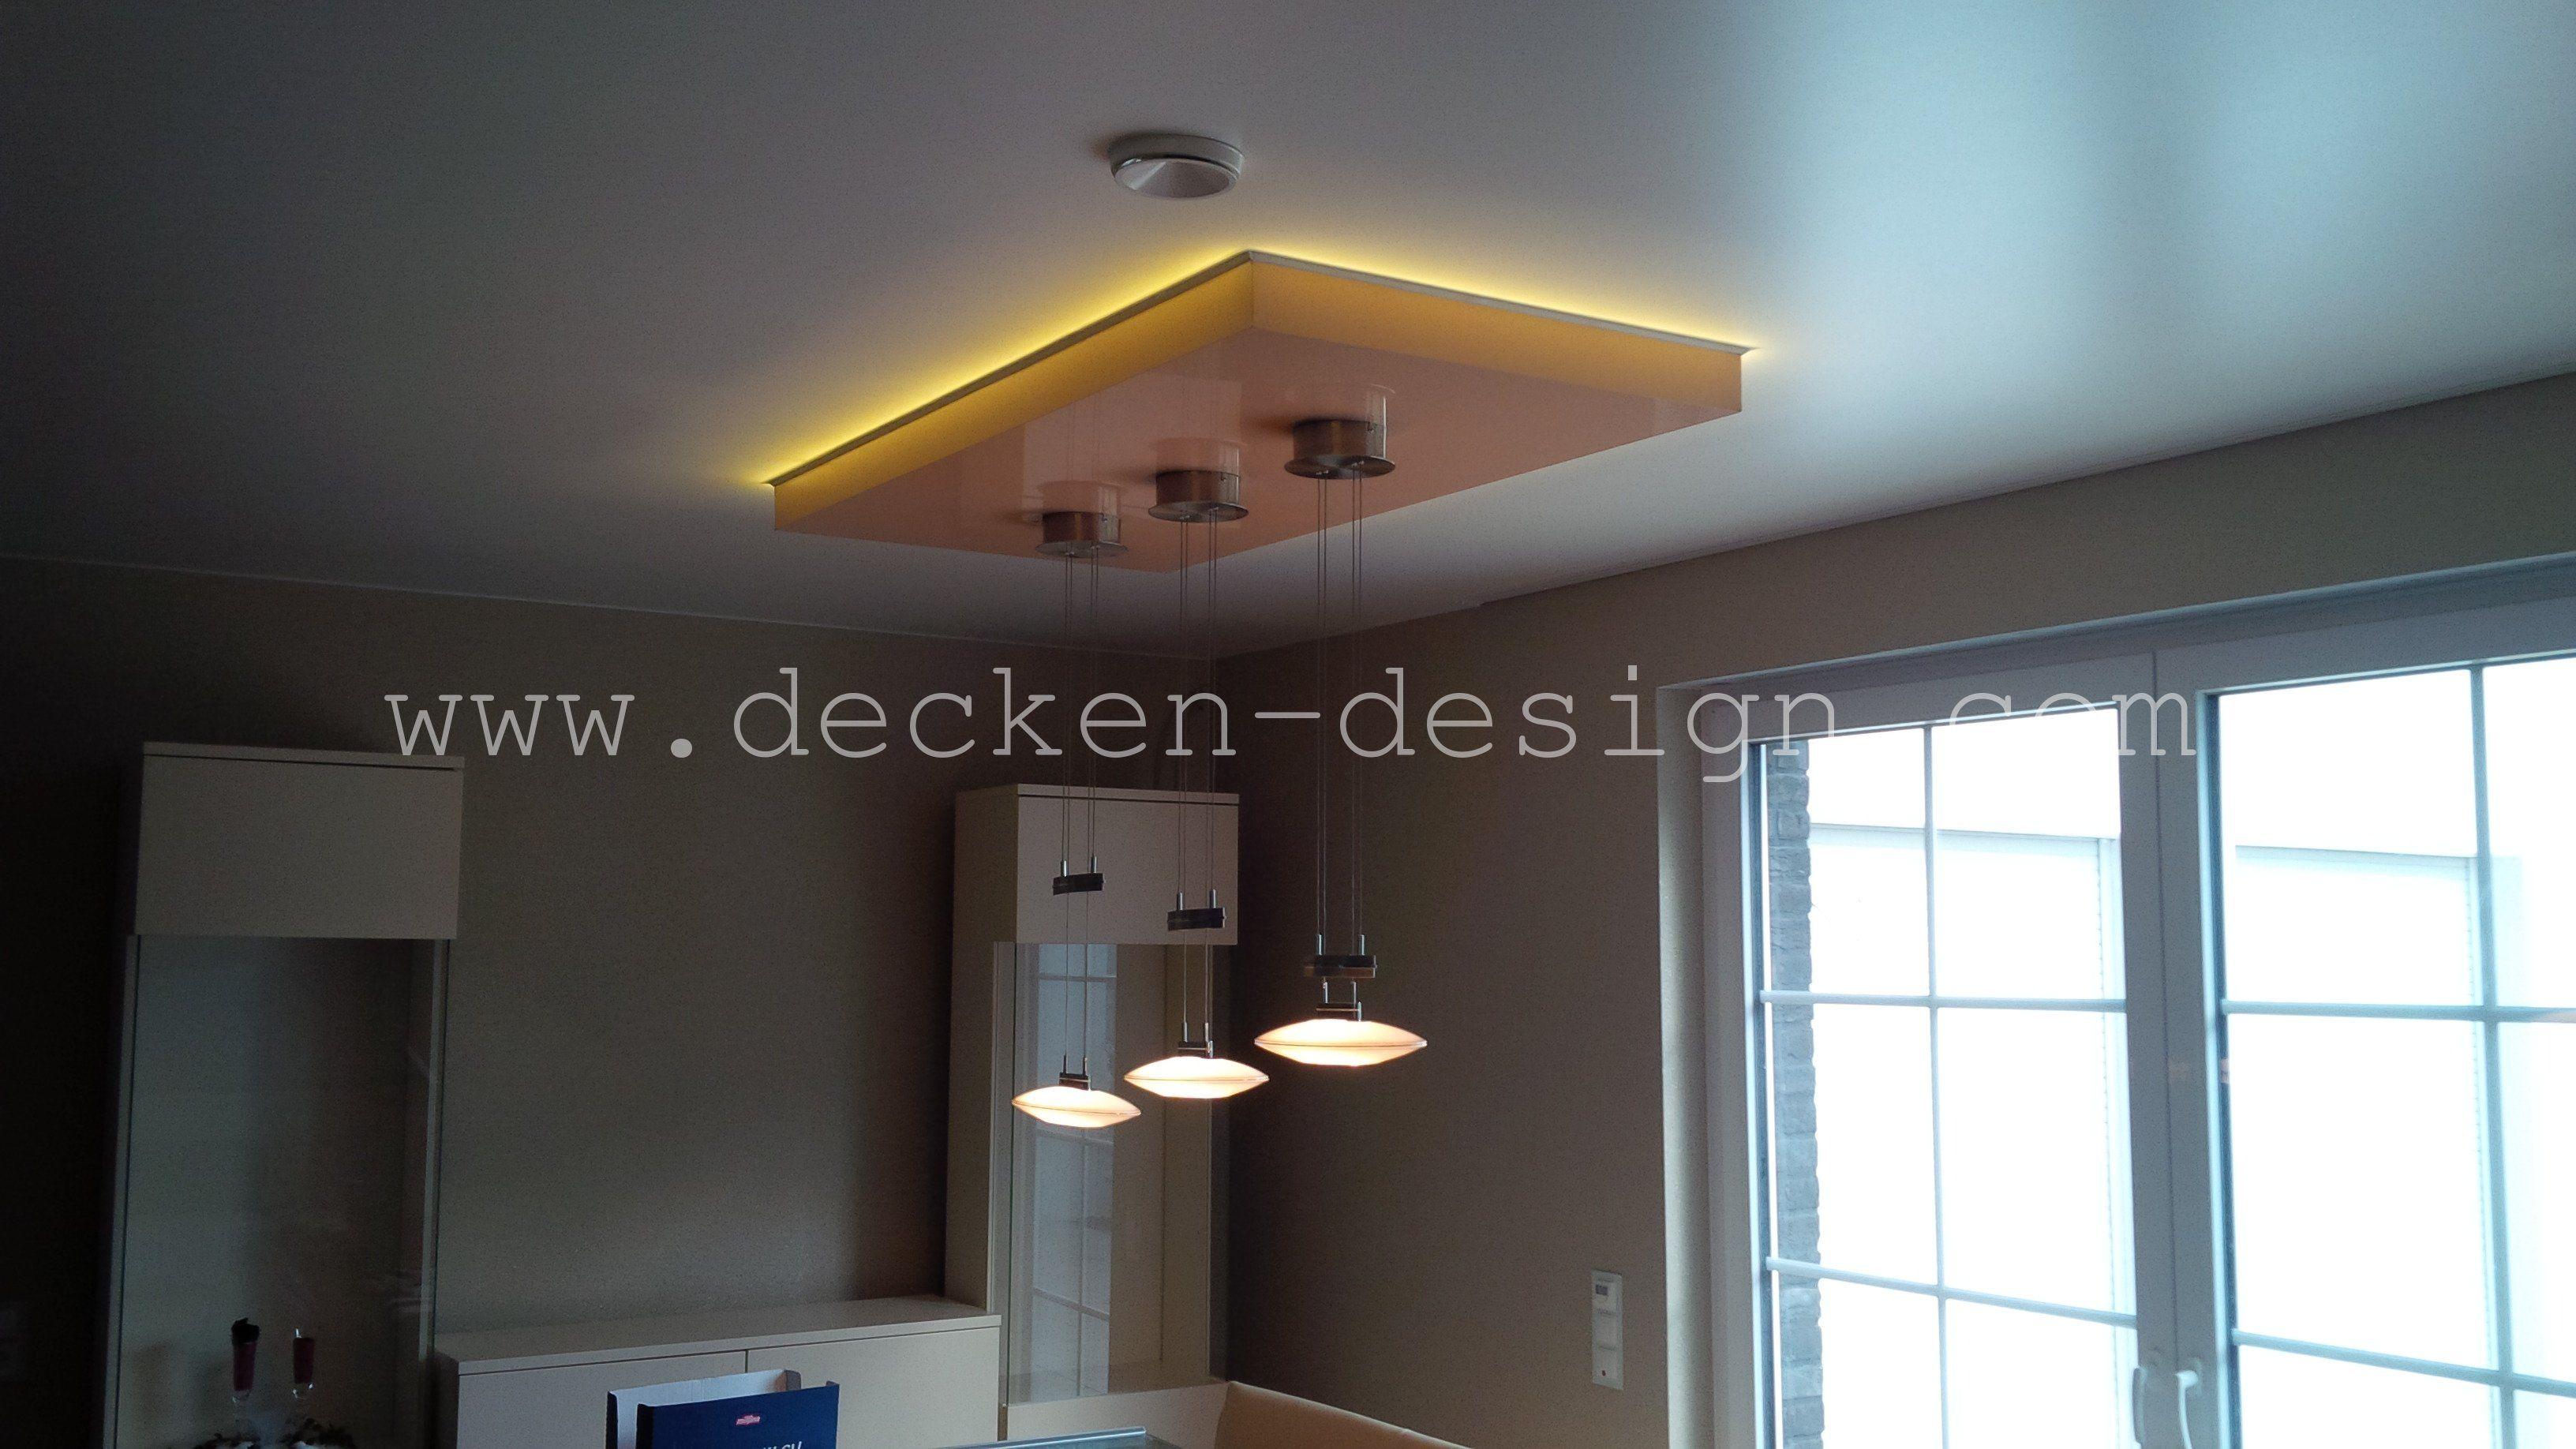 Wohnzimmerdecke Renovieren Spanndecken Decken Design Saja